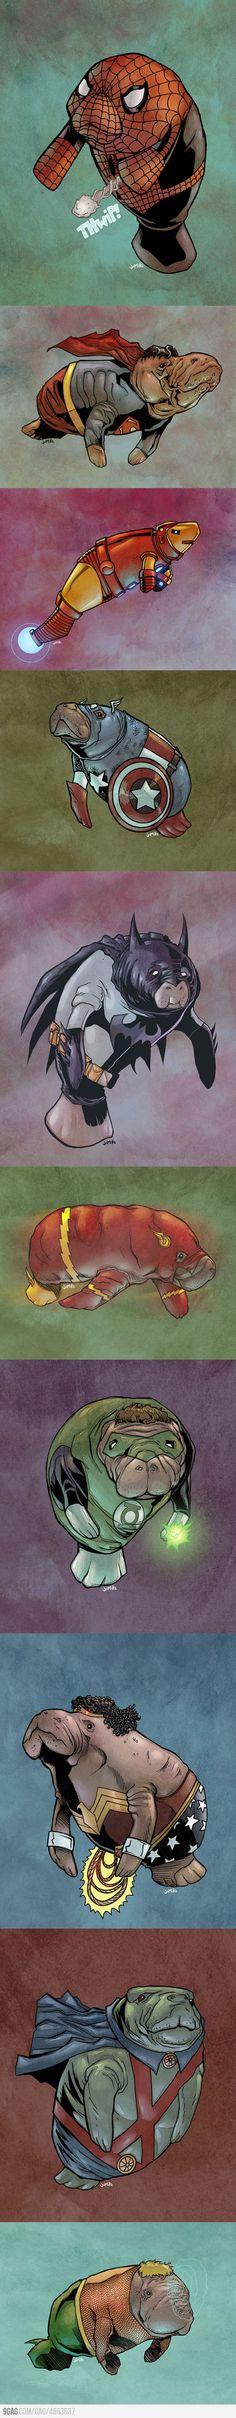 super manatees!